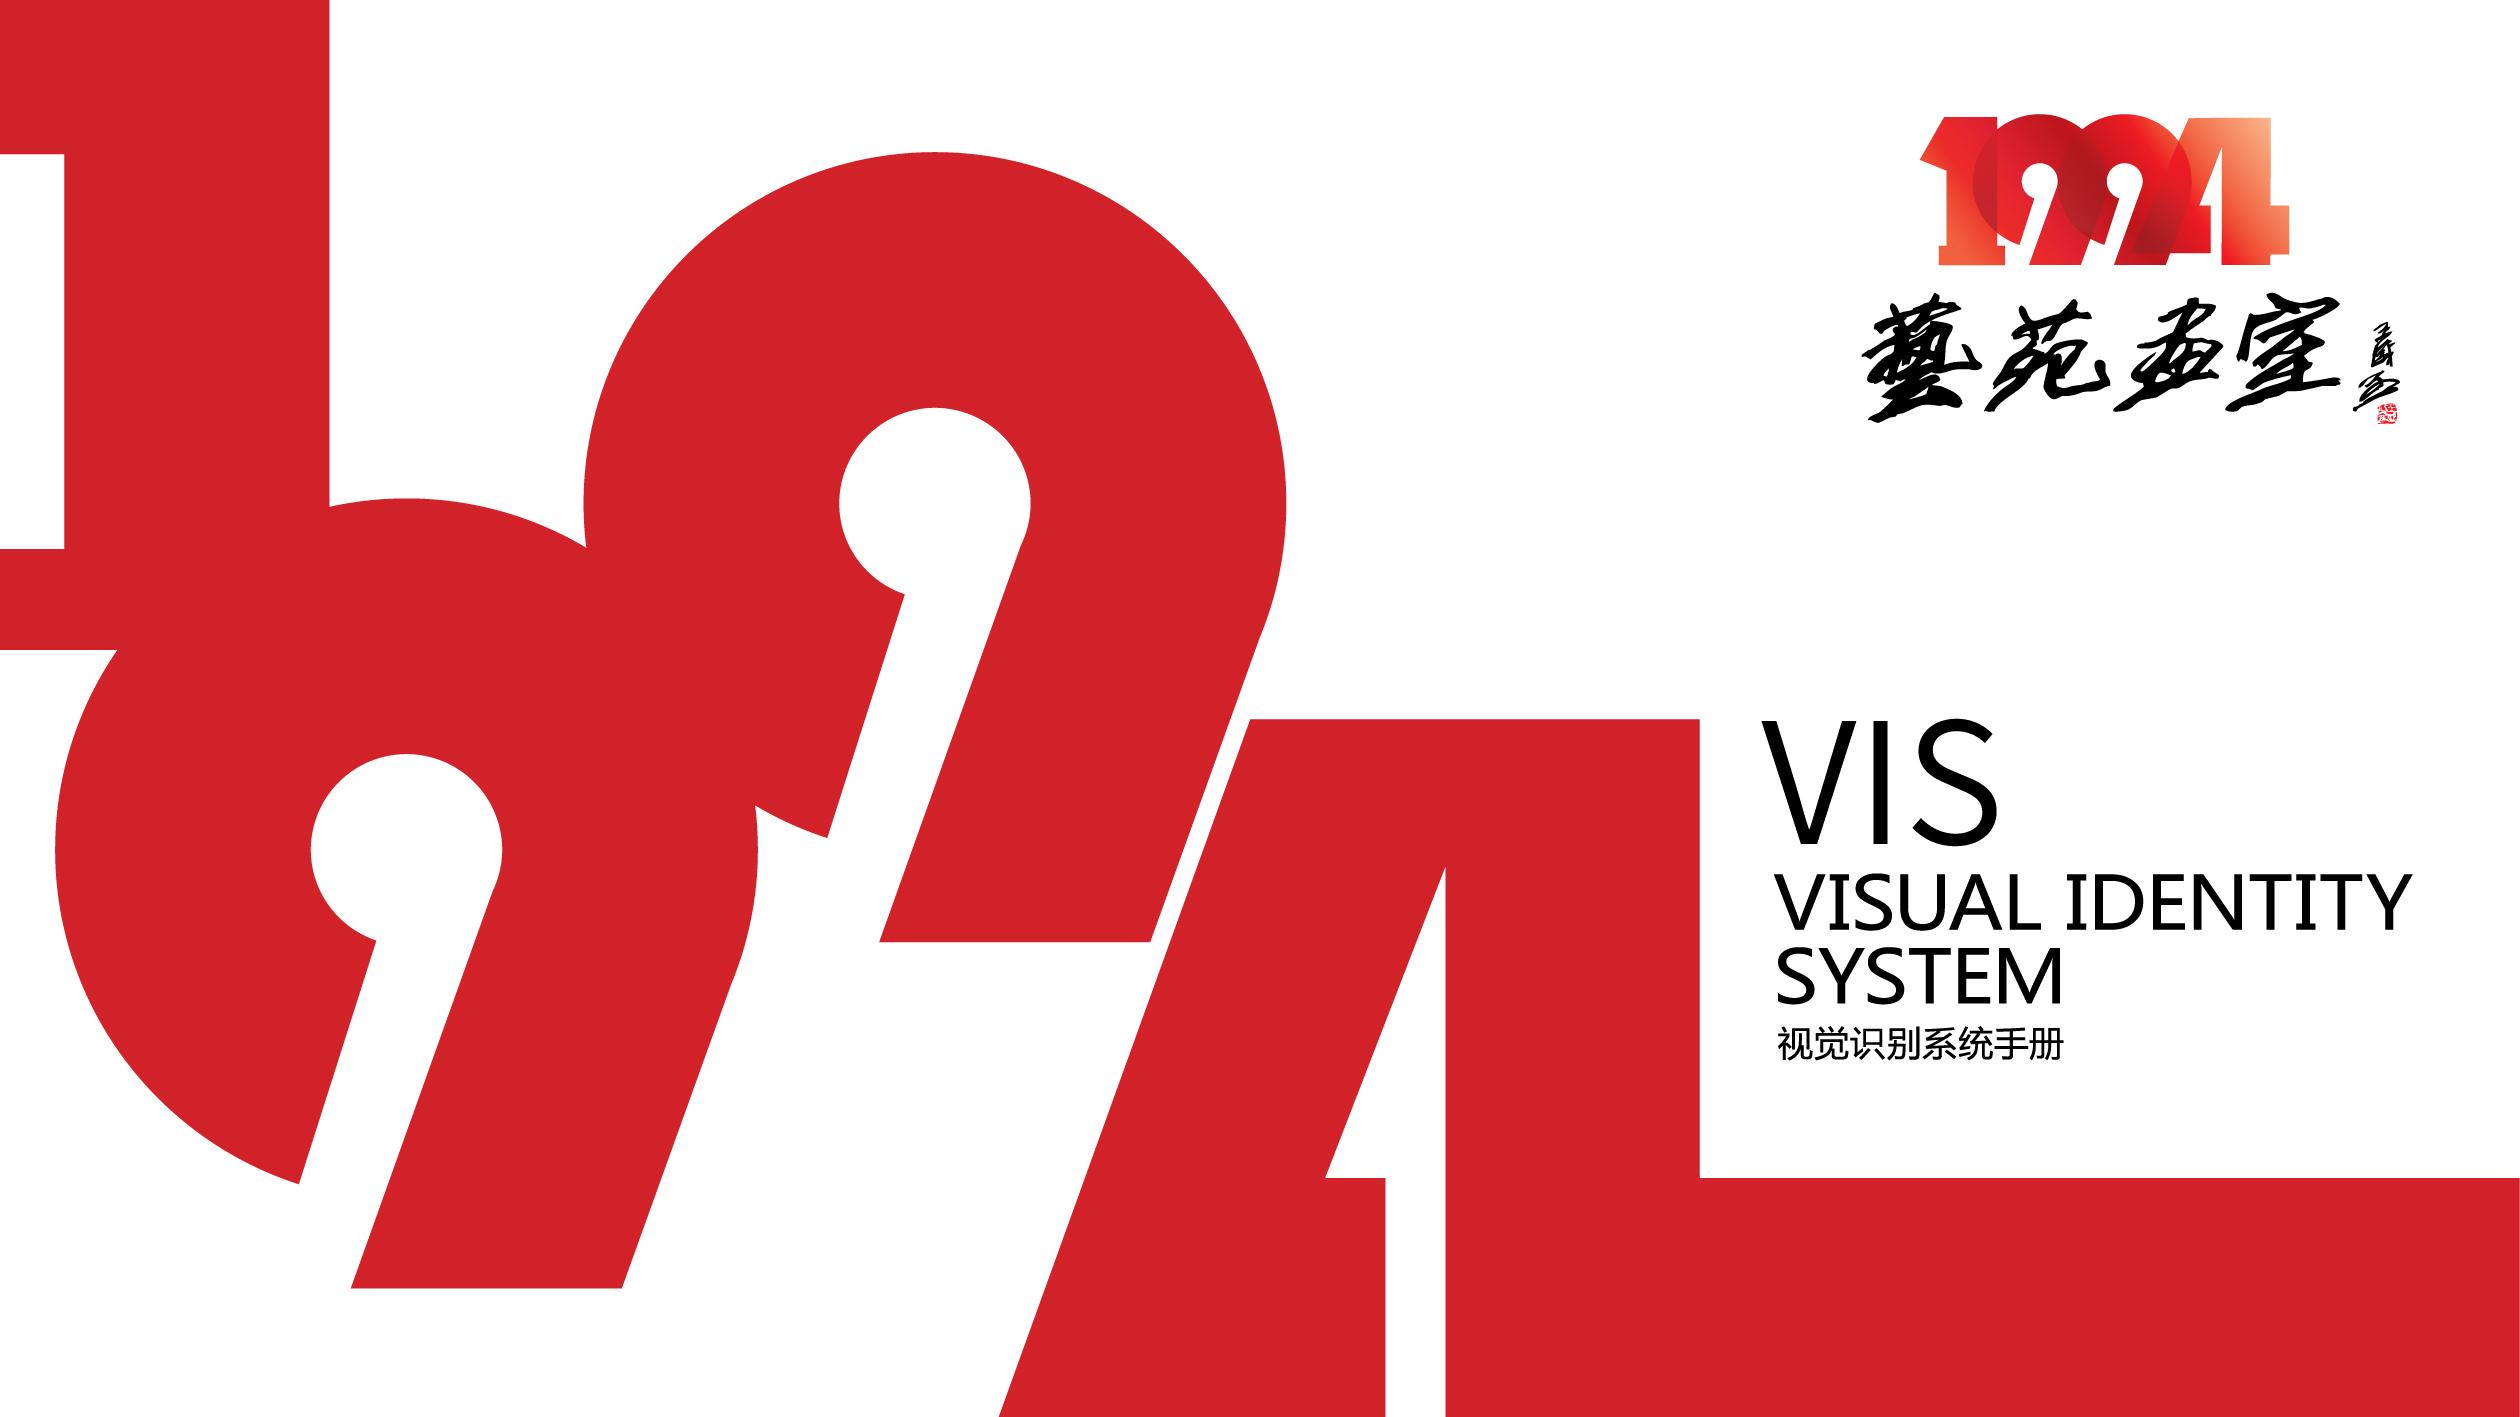 艺苑教育公司VI设计